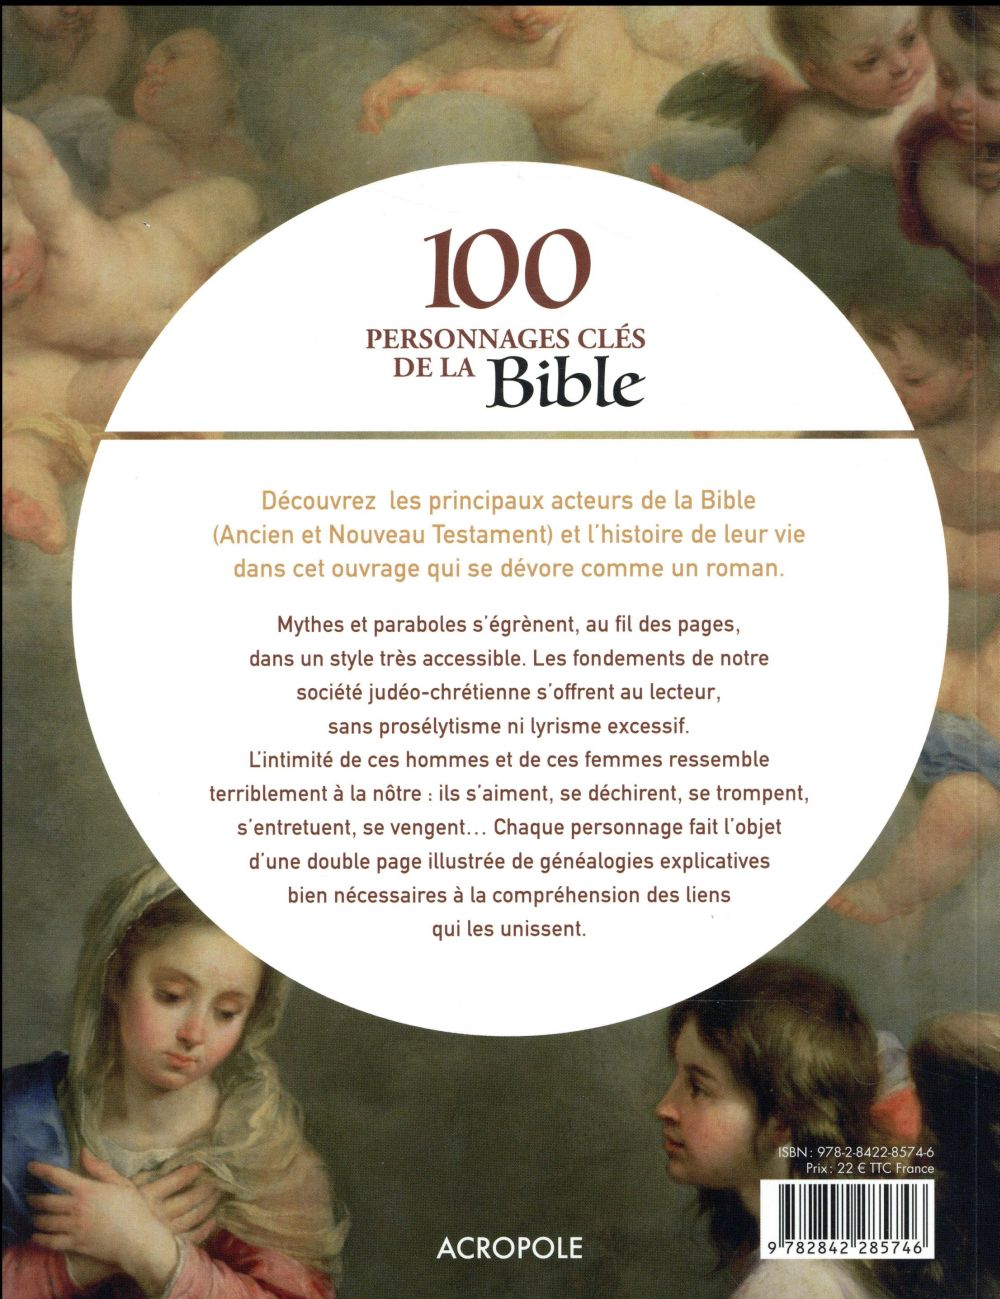 100 personnages clés de la Bible